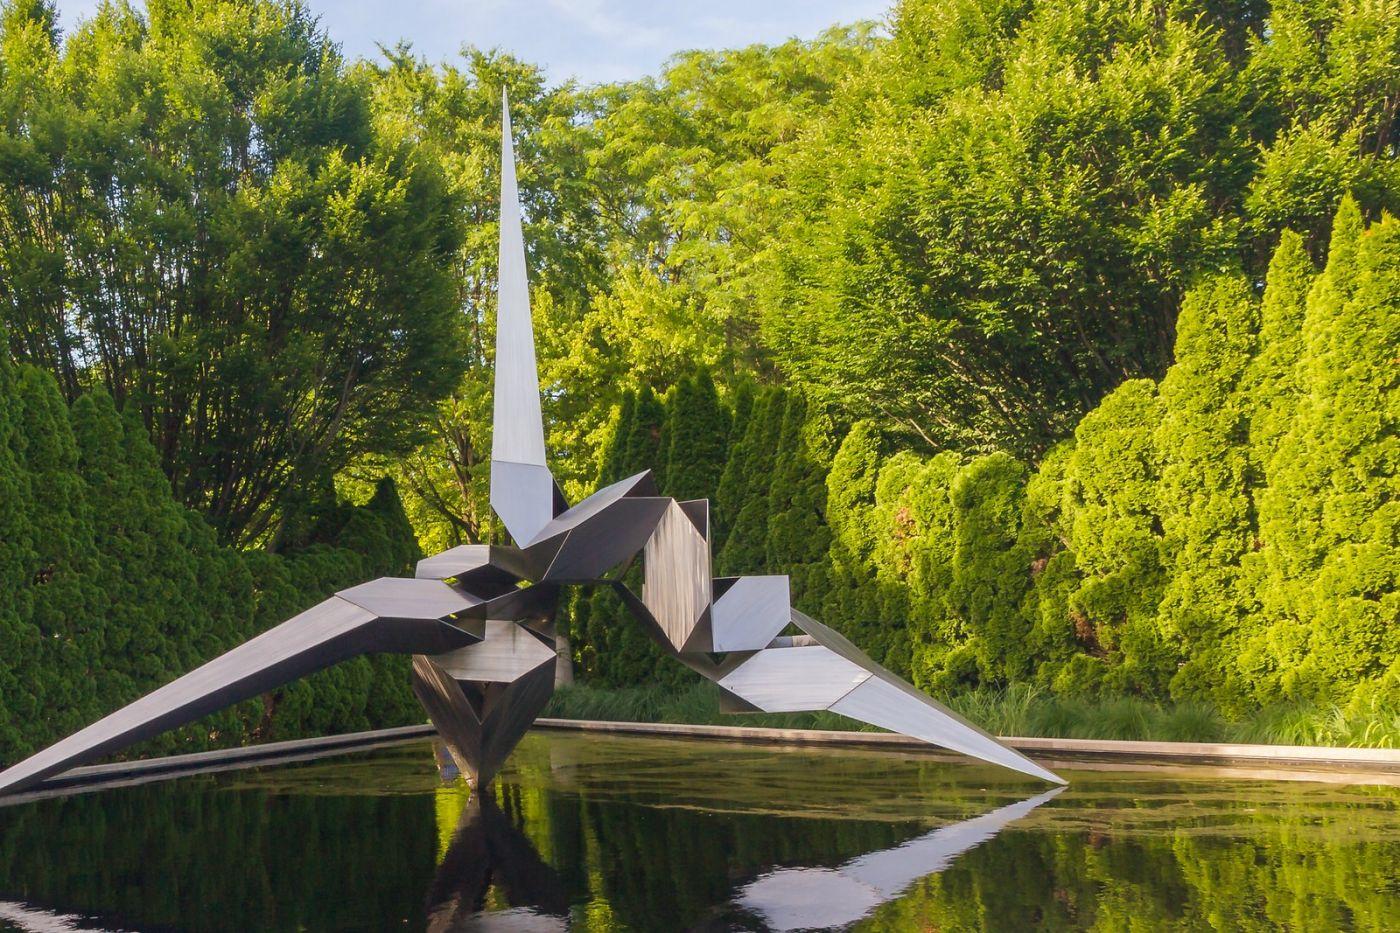 新澤西州雕塑公園(Grounds for scuplture),題材很廣_圖1-1